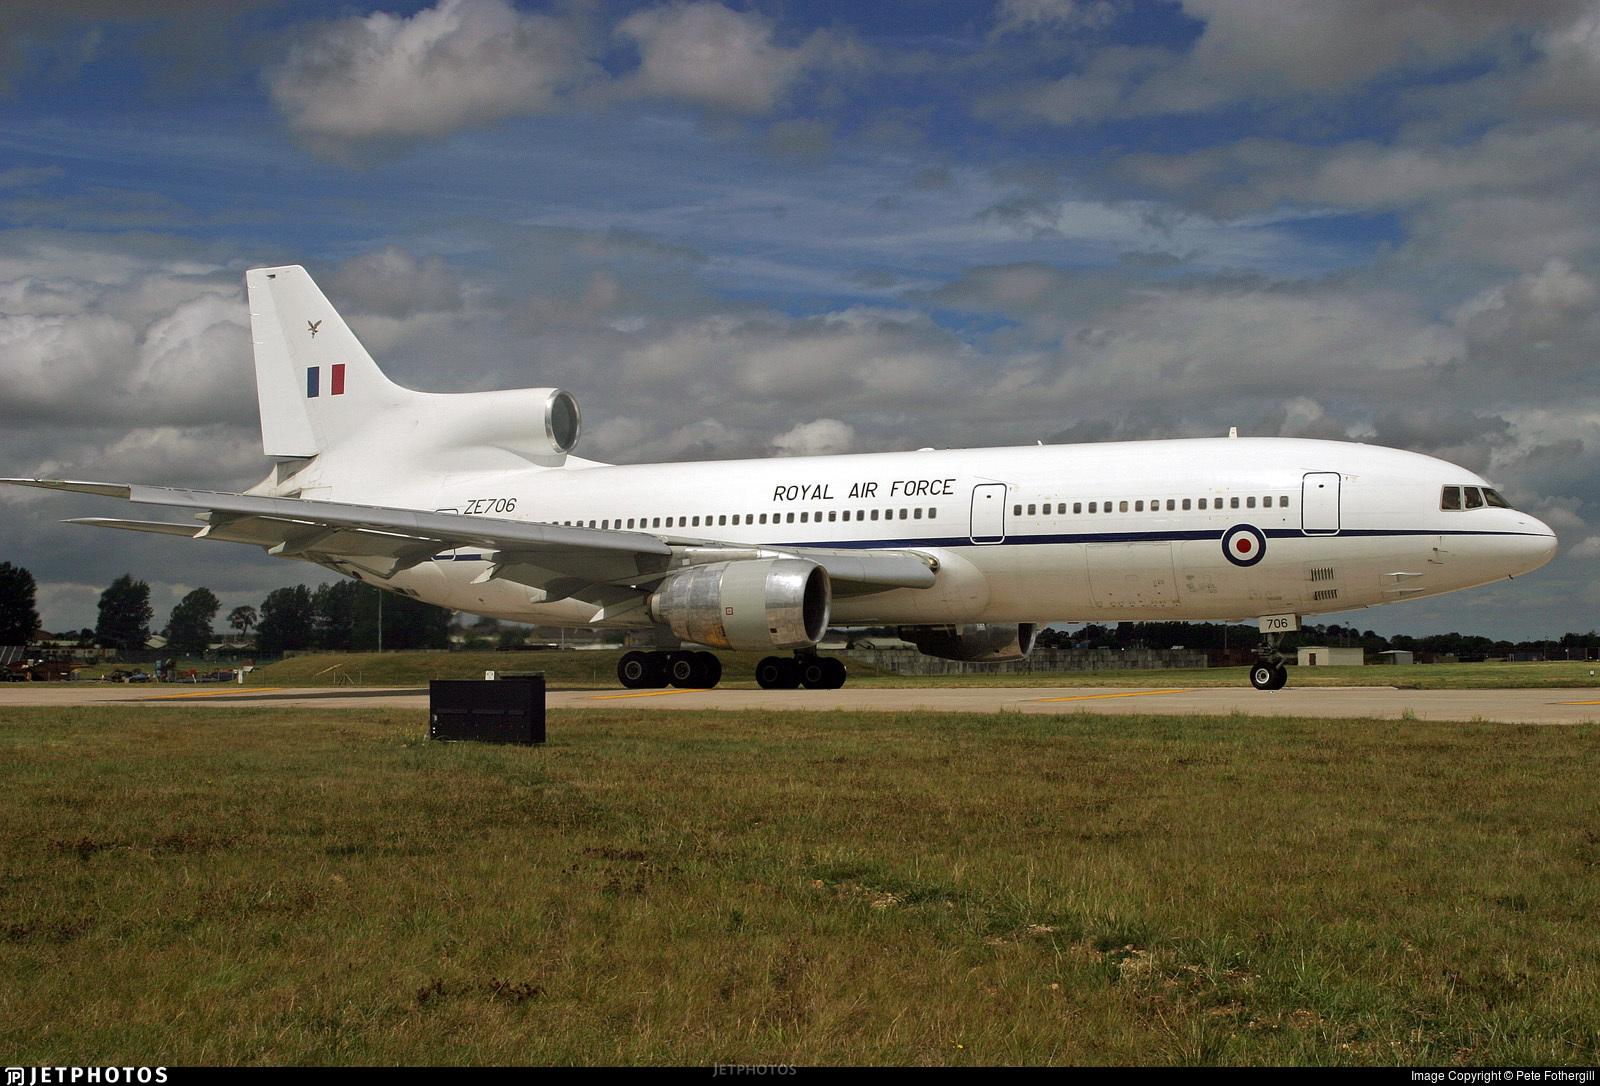 ZE706 - Lockheed Tristar C.2A - United Kingdom - Royal Air Force (RAF)